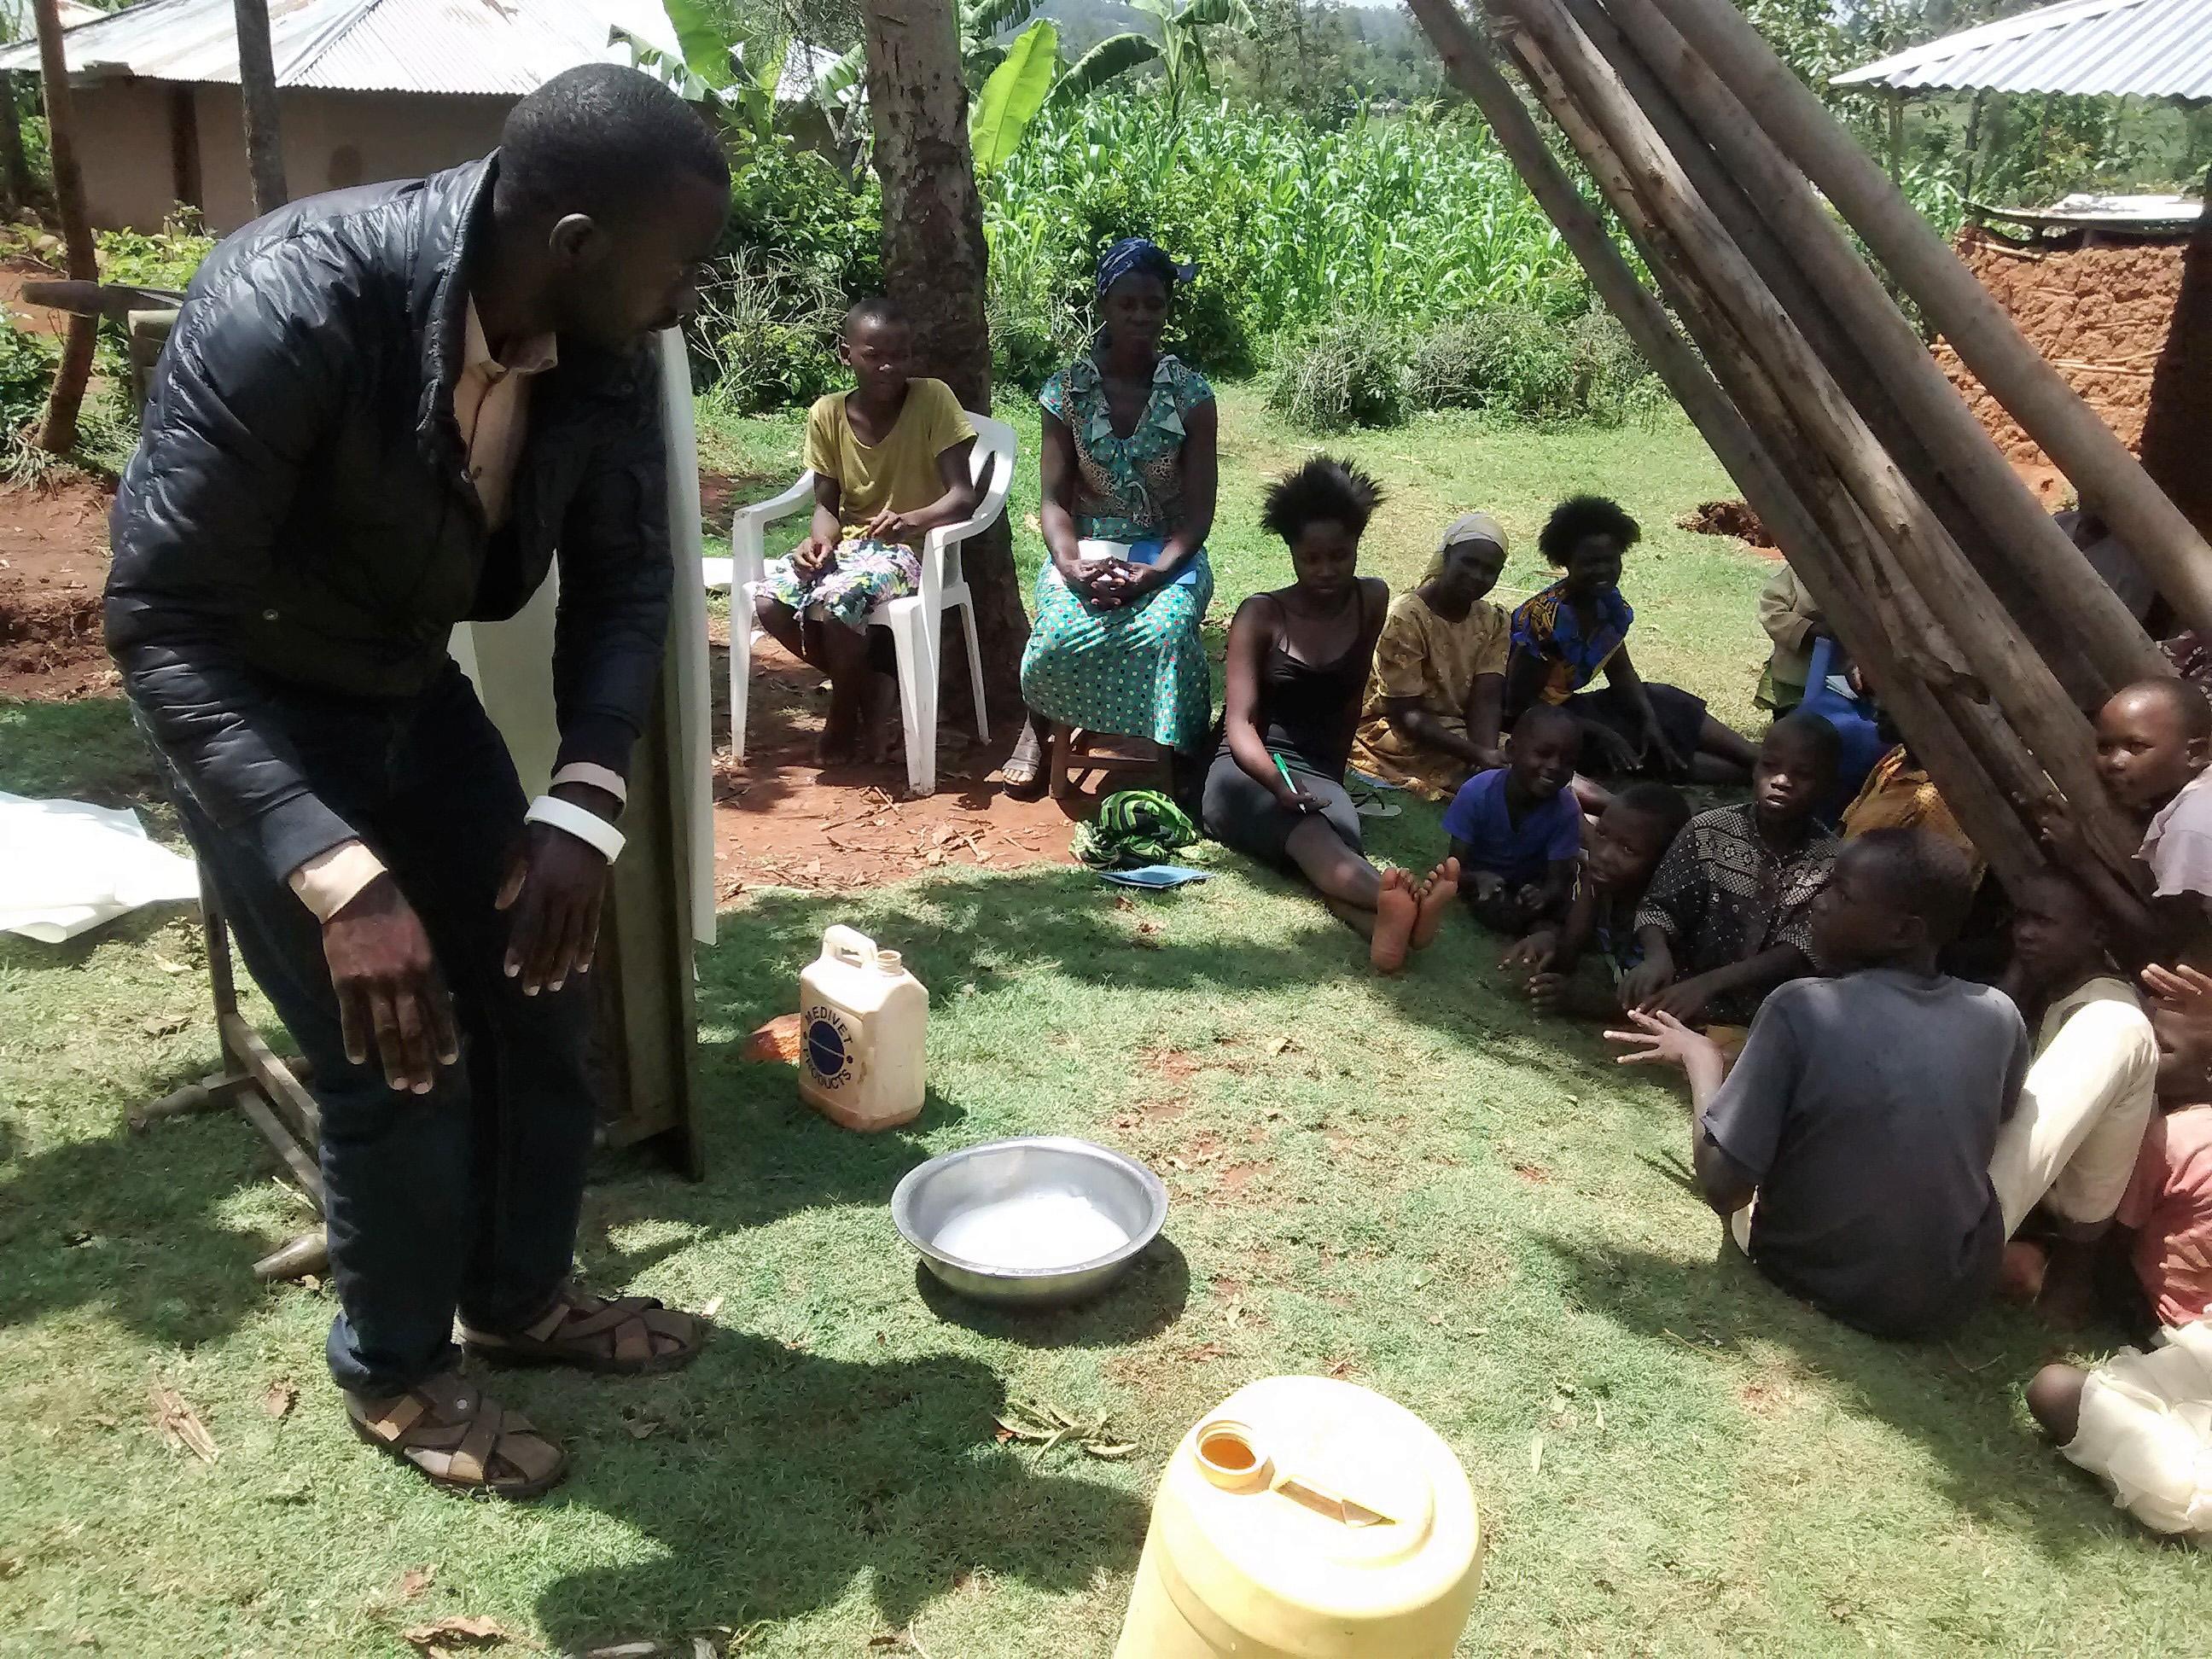 12 kenya4715 demonstrating hand-washing